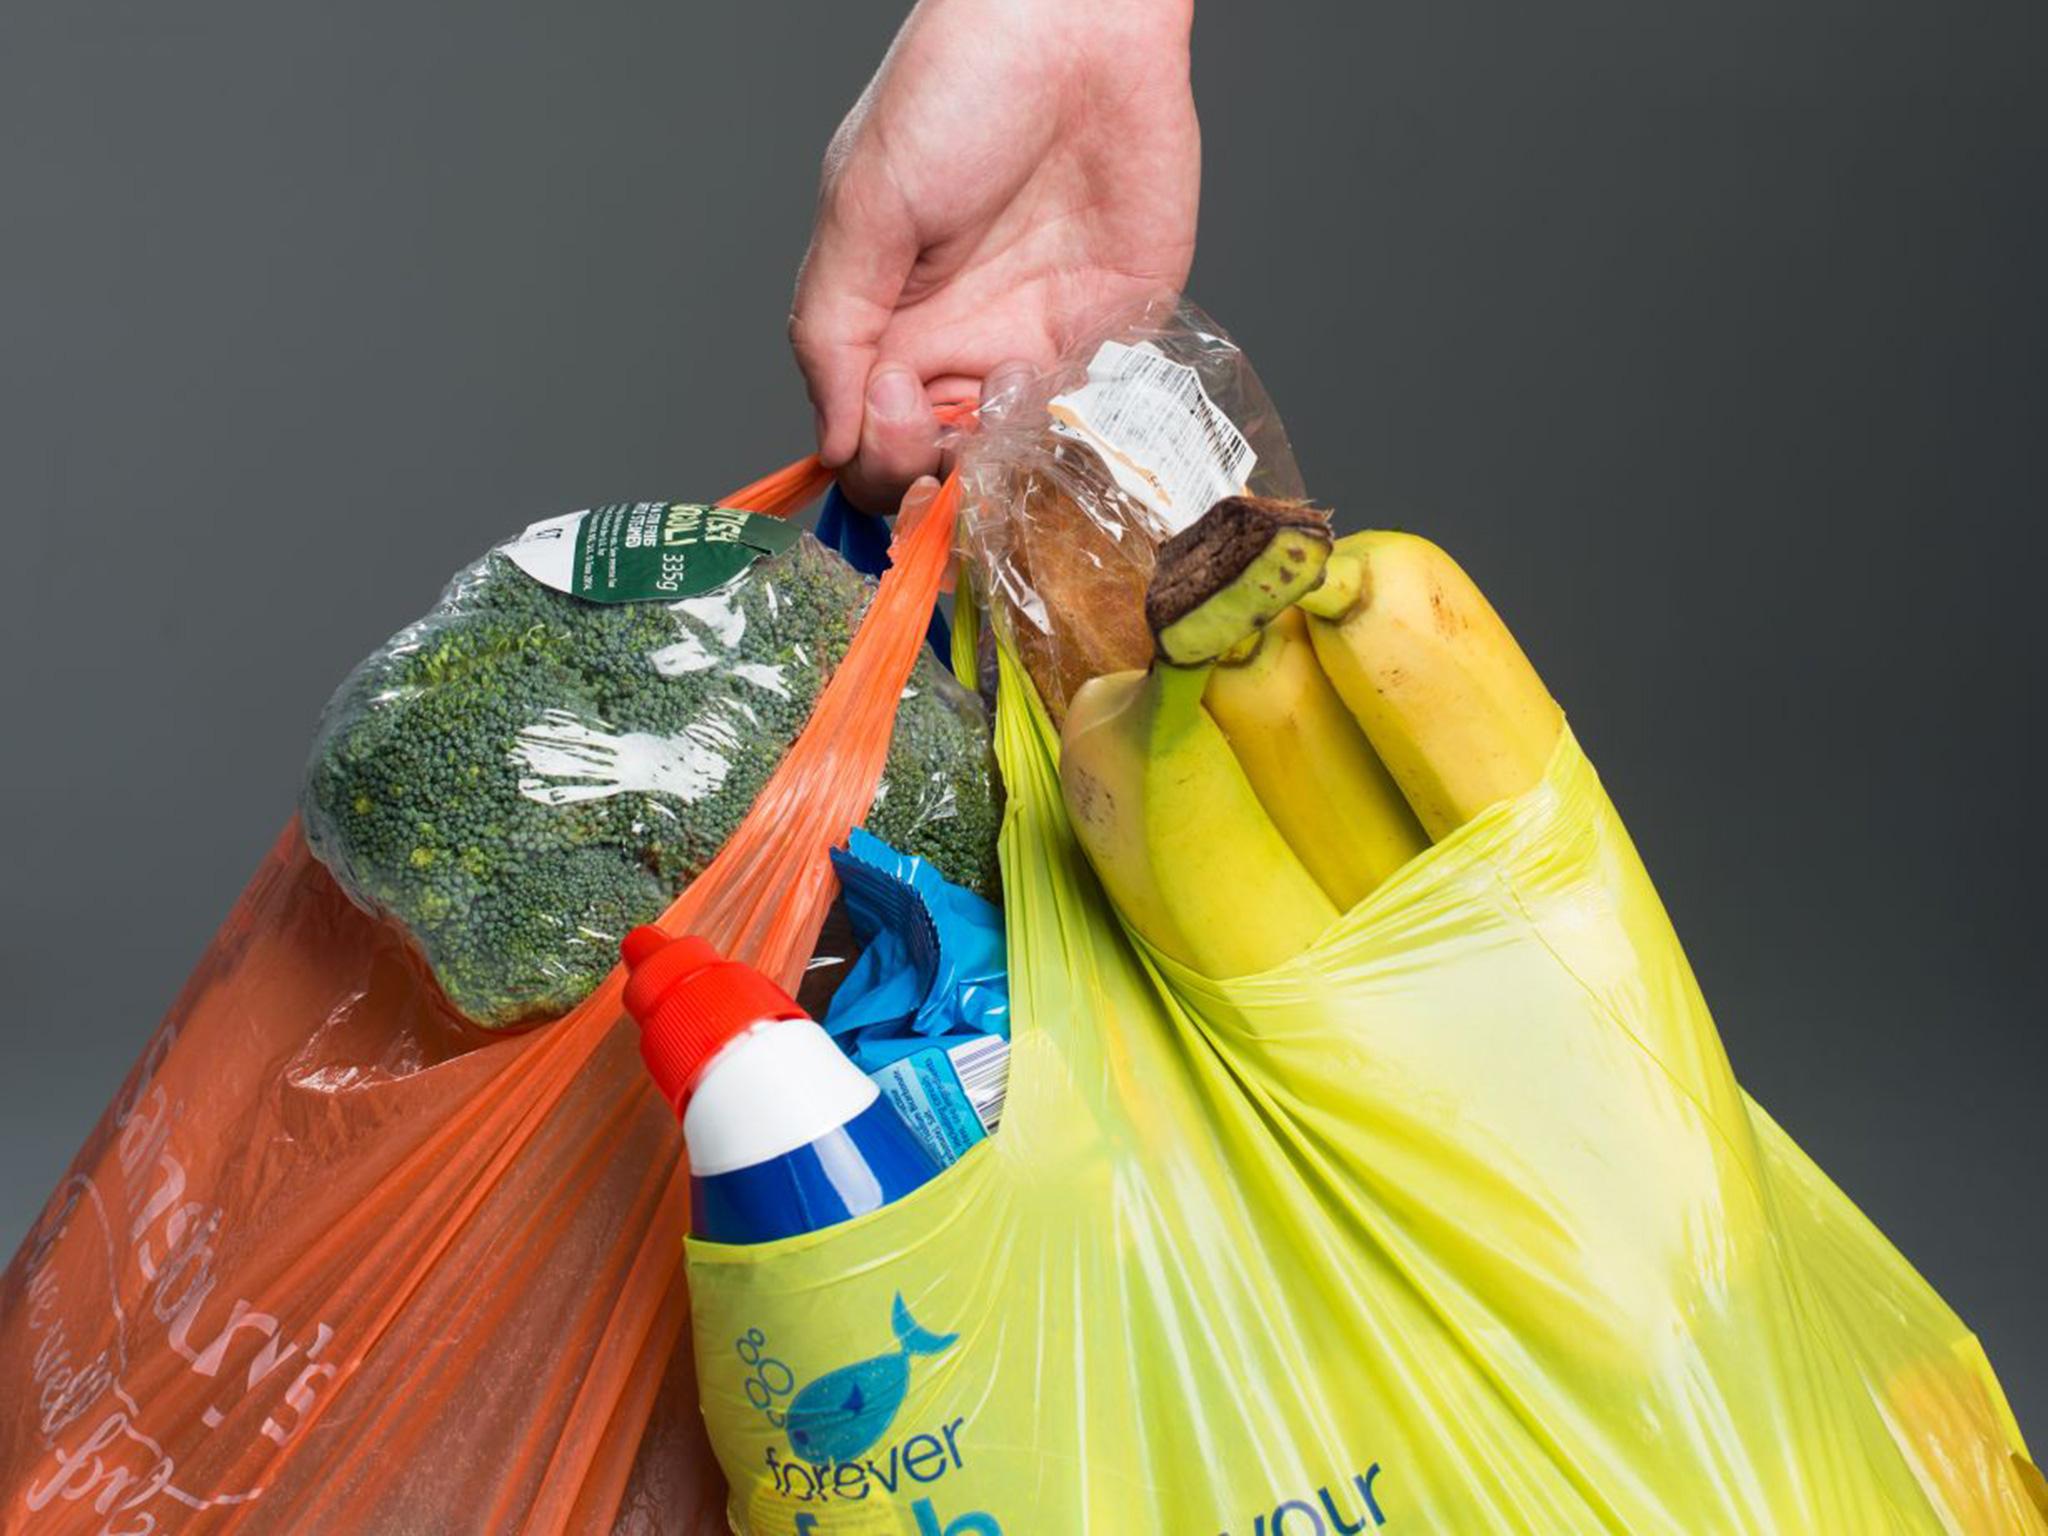 В сети запустили петицию о запрете полиэтиленовых пакетов в России